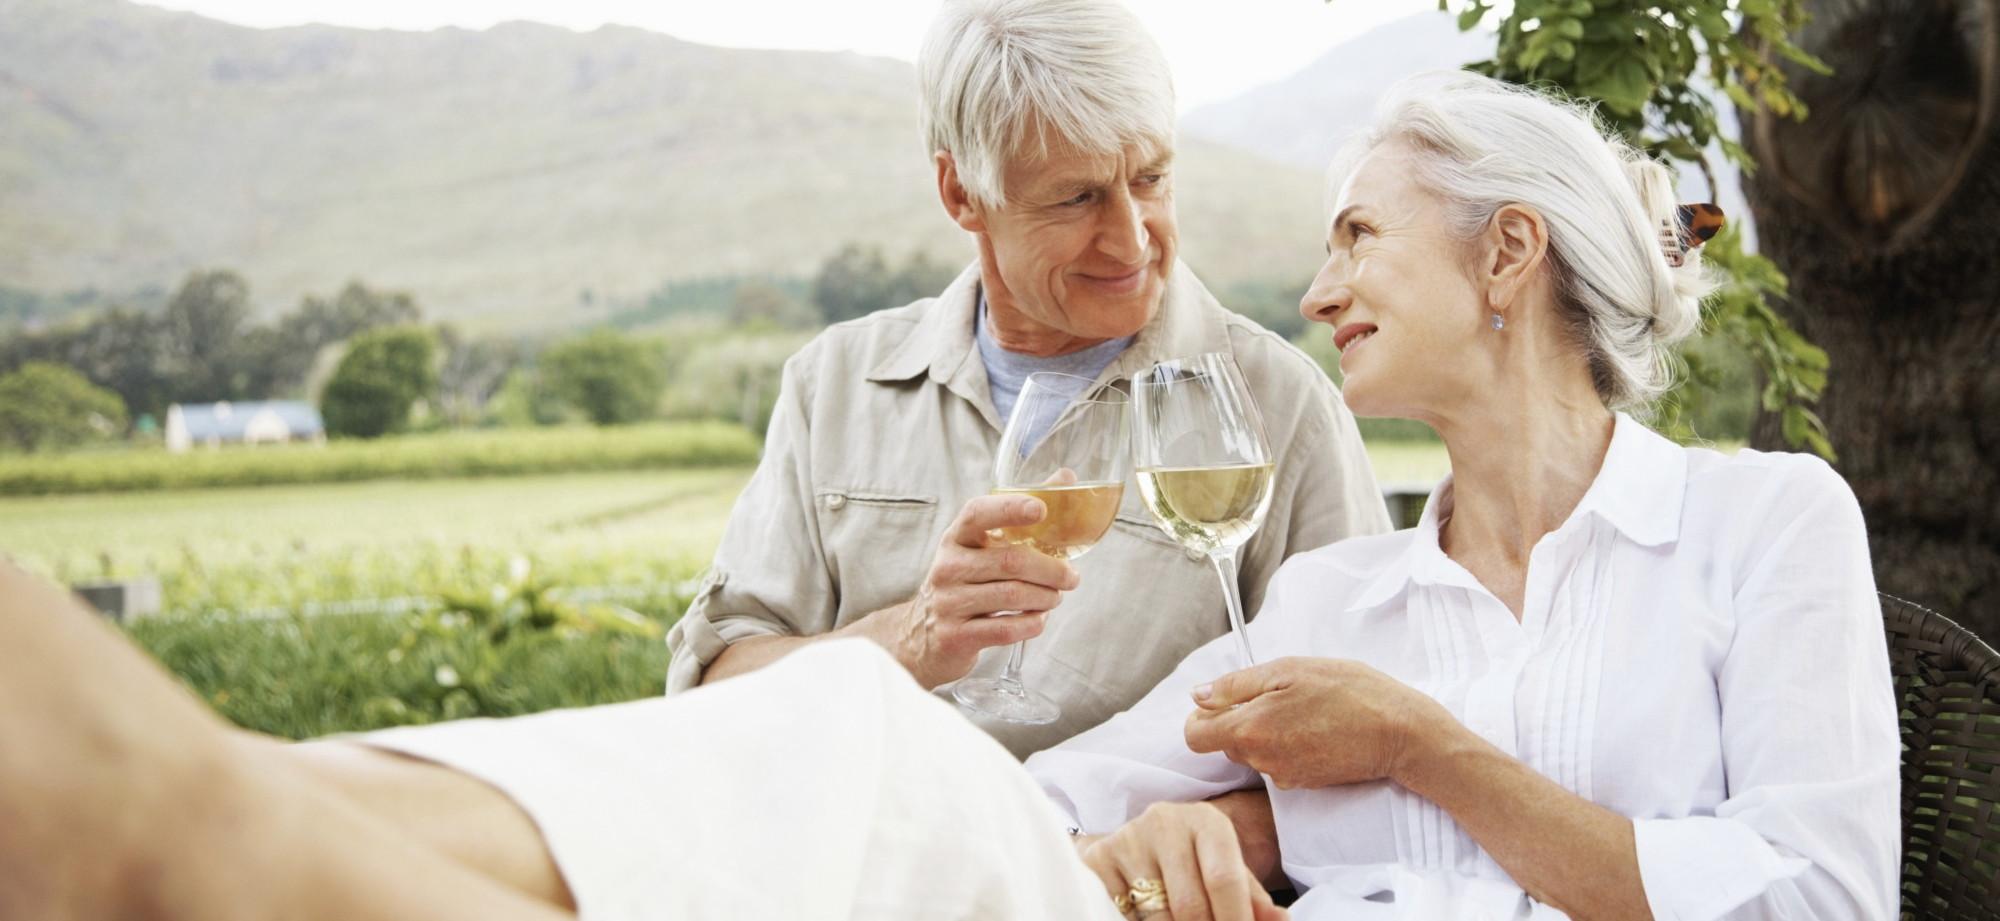 Online dating voor ouderen